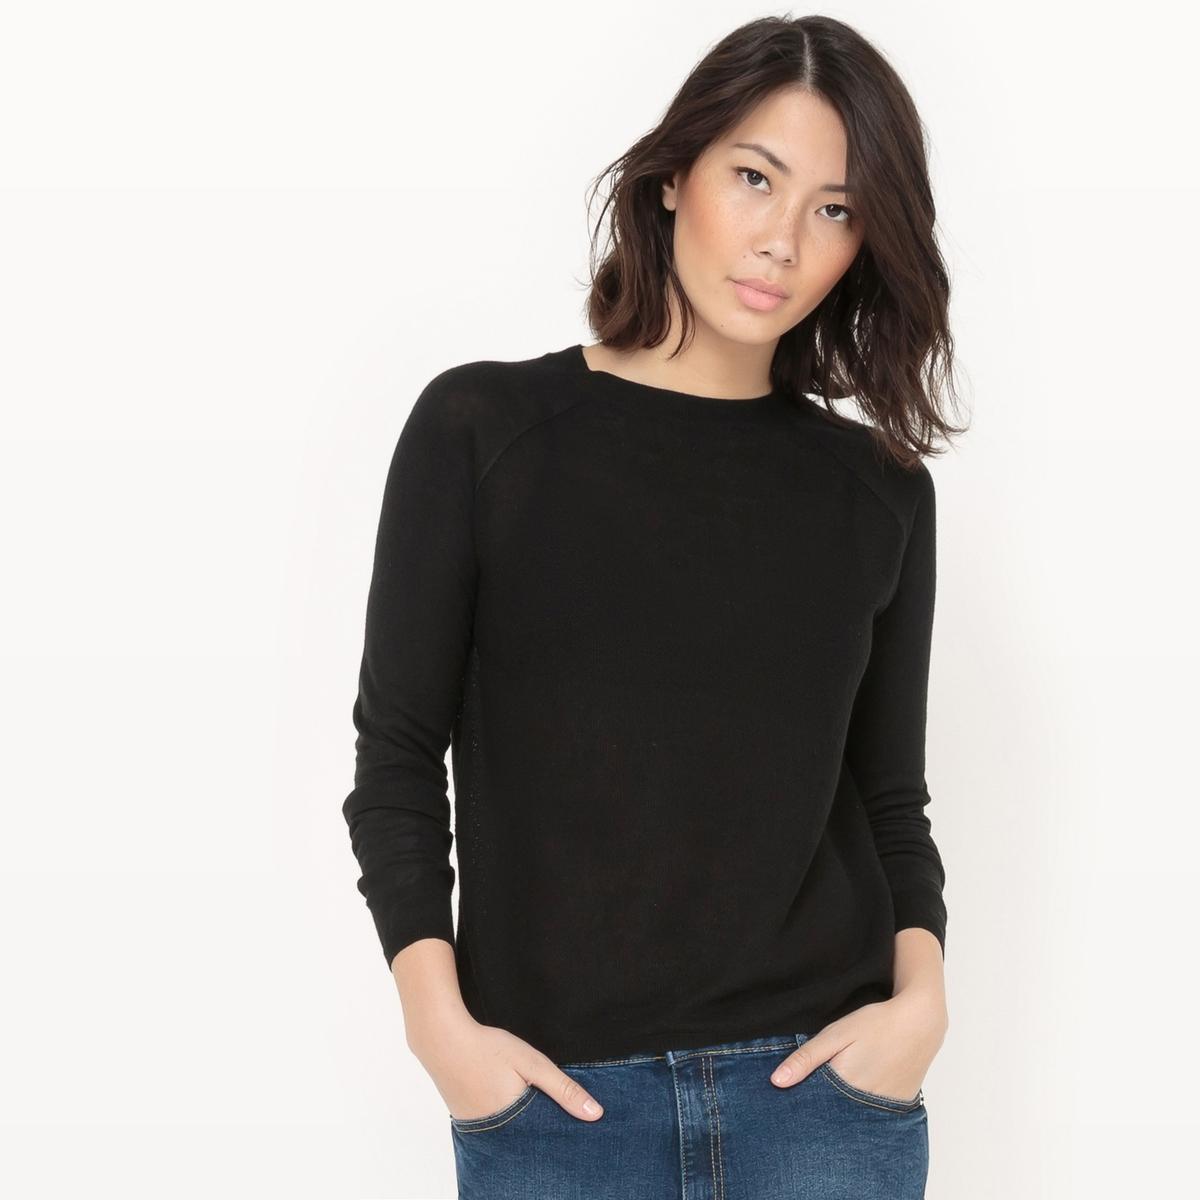 Пуловер с круглым вырезом из хлопка и льна